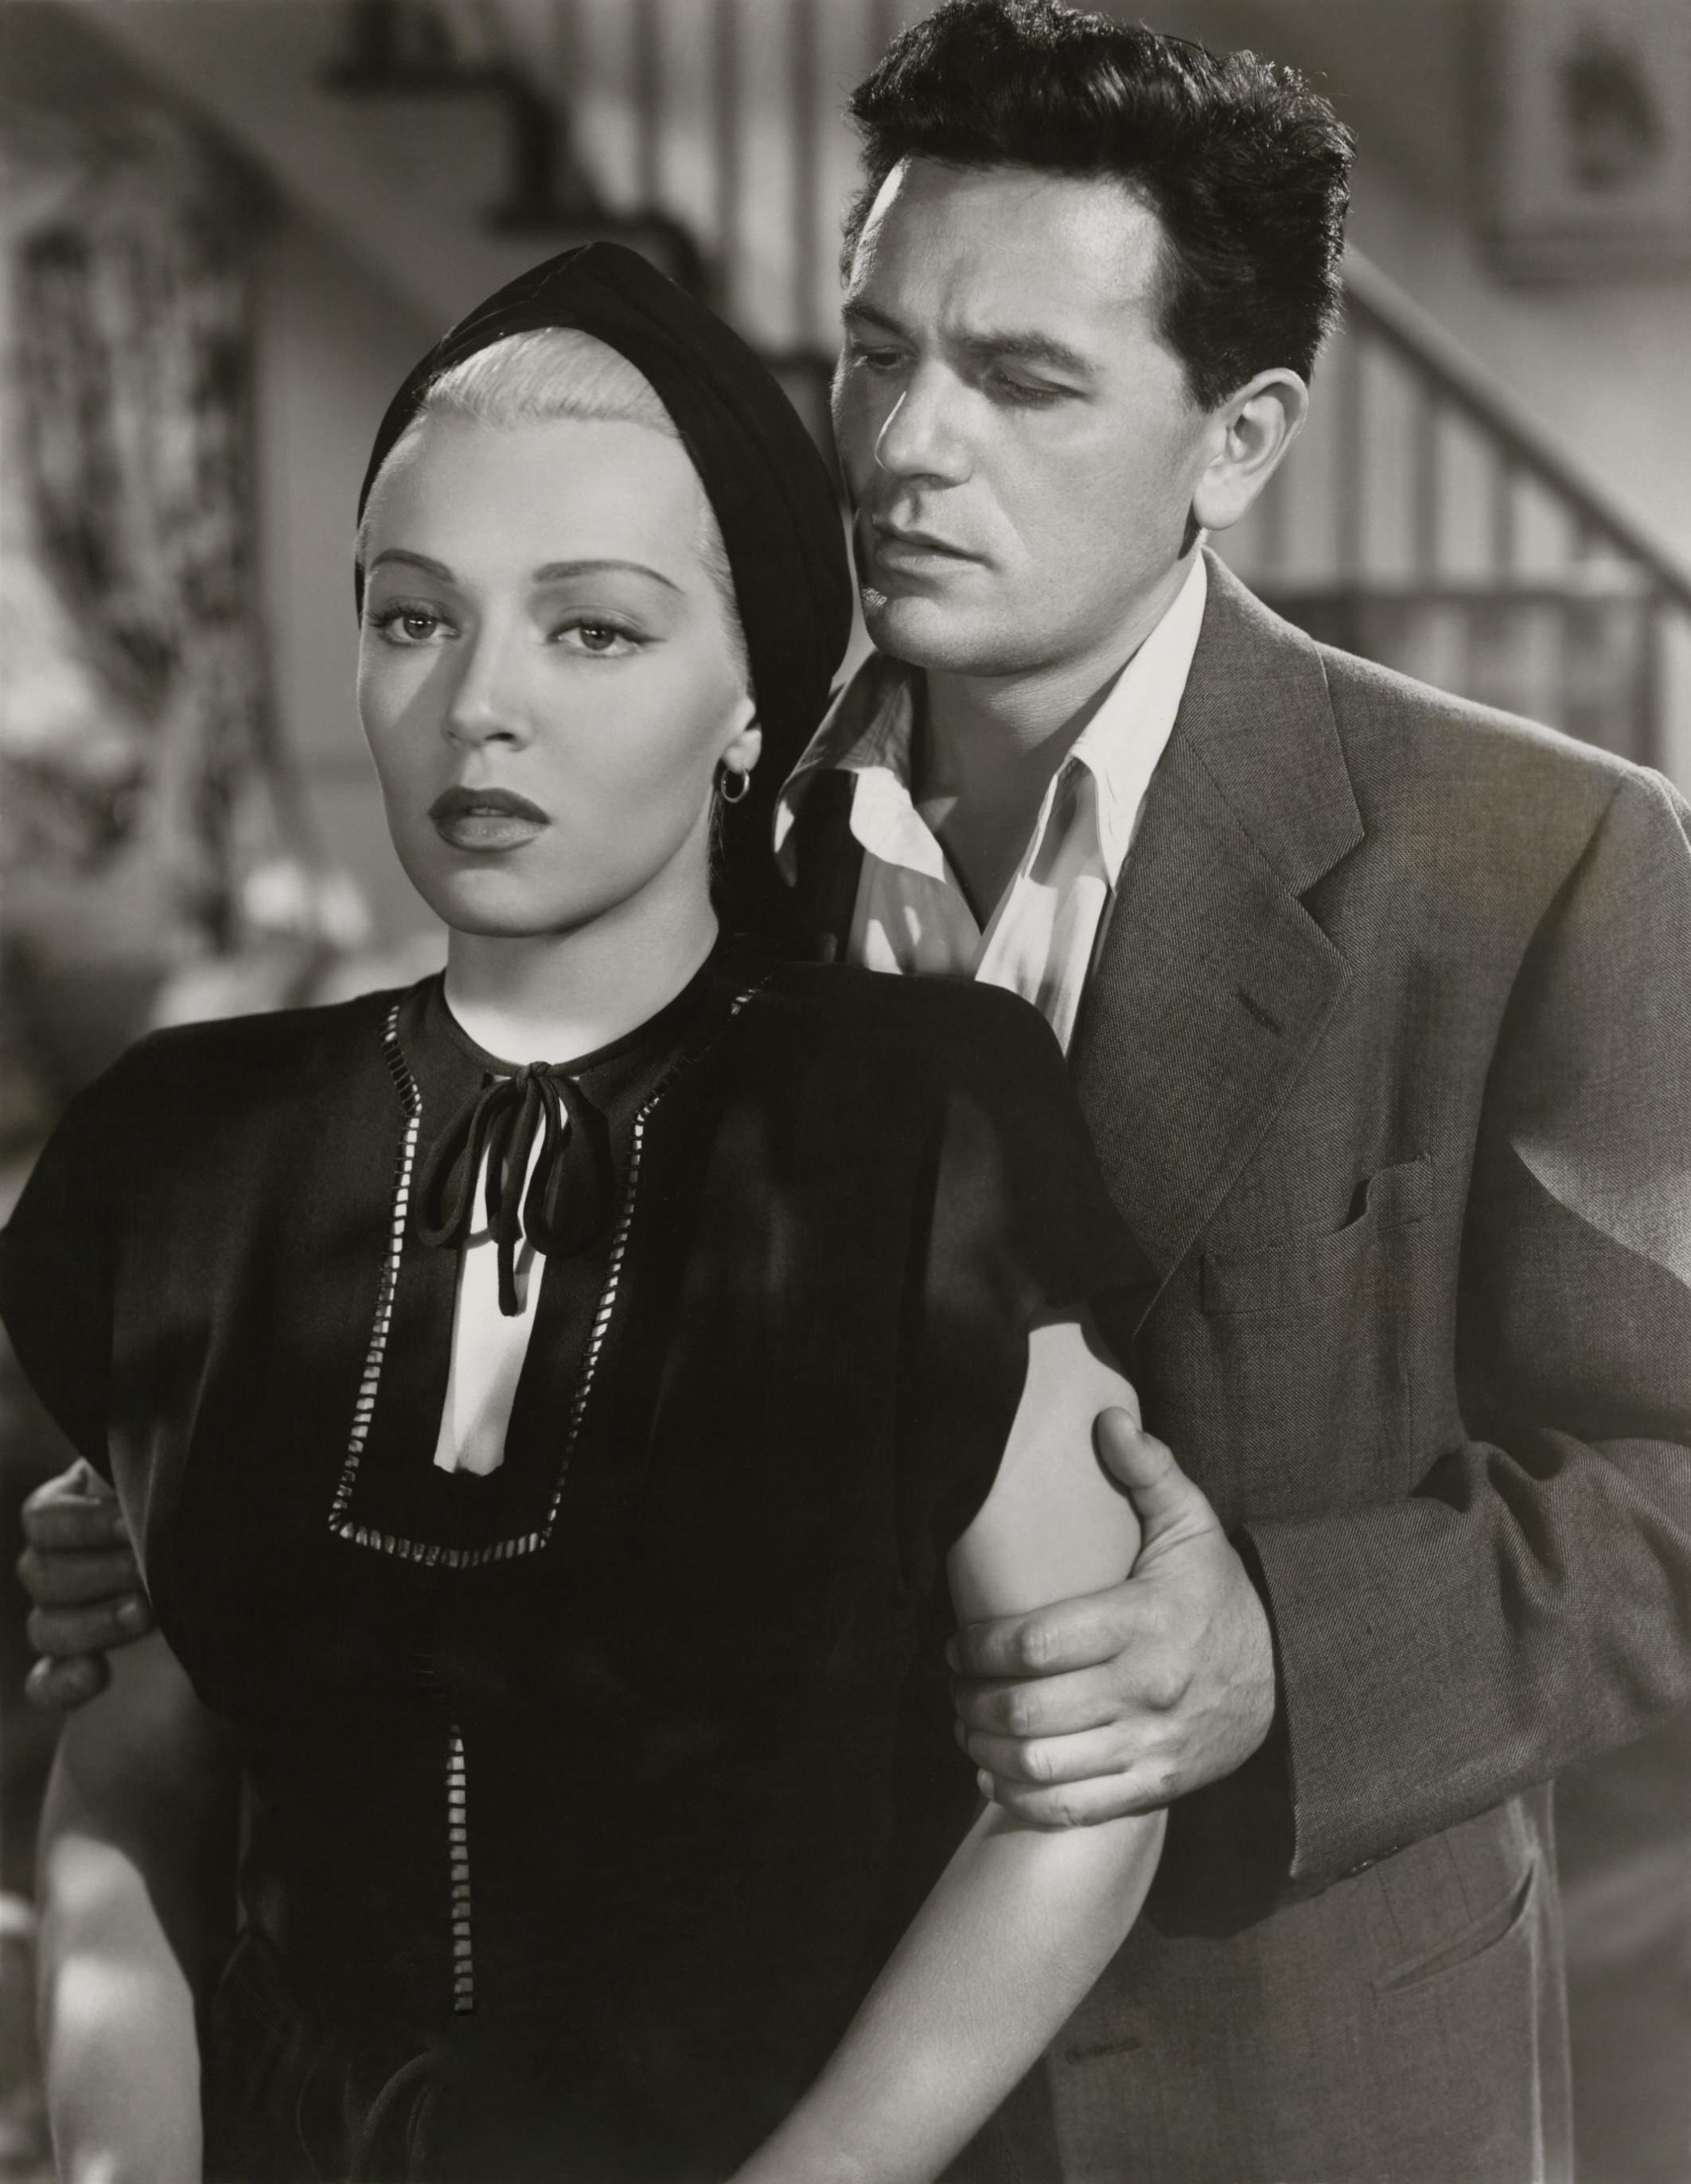 Lana Turner with John Garfield.